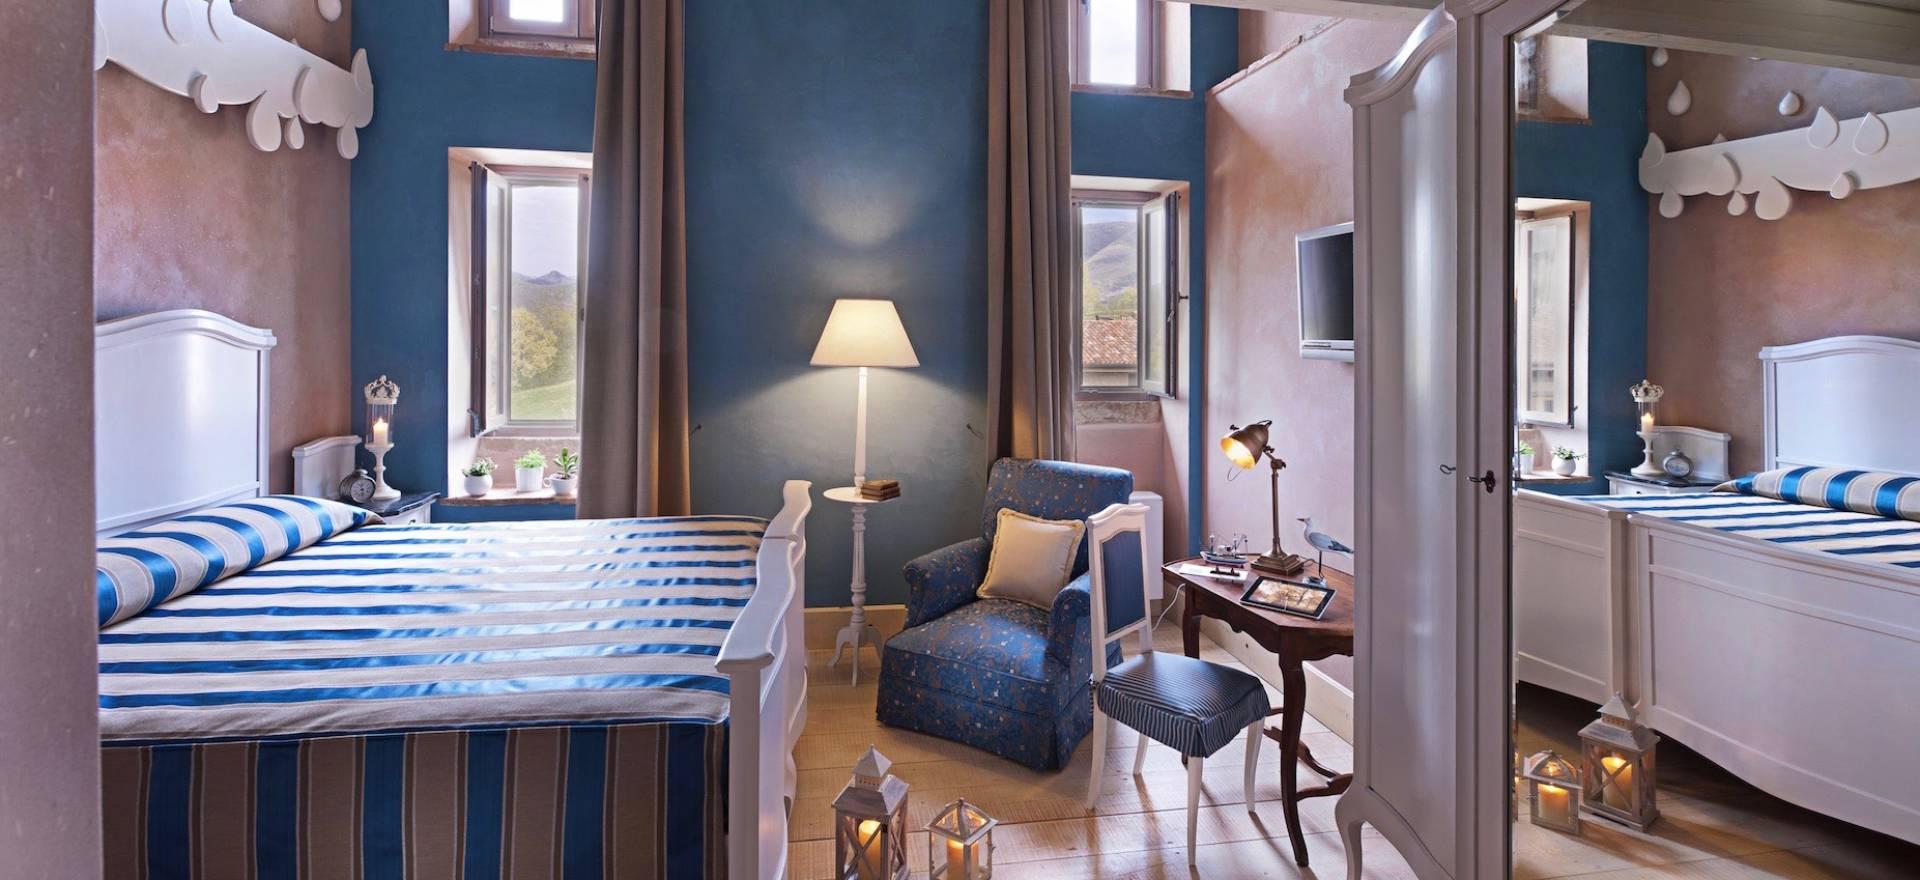 Country hotel Gardameer, een luxe oase van rust